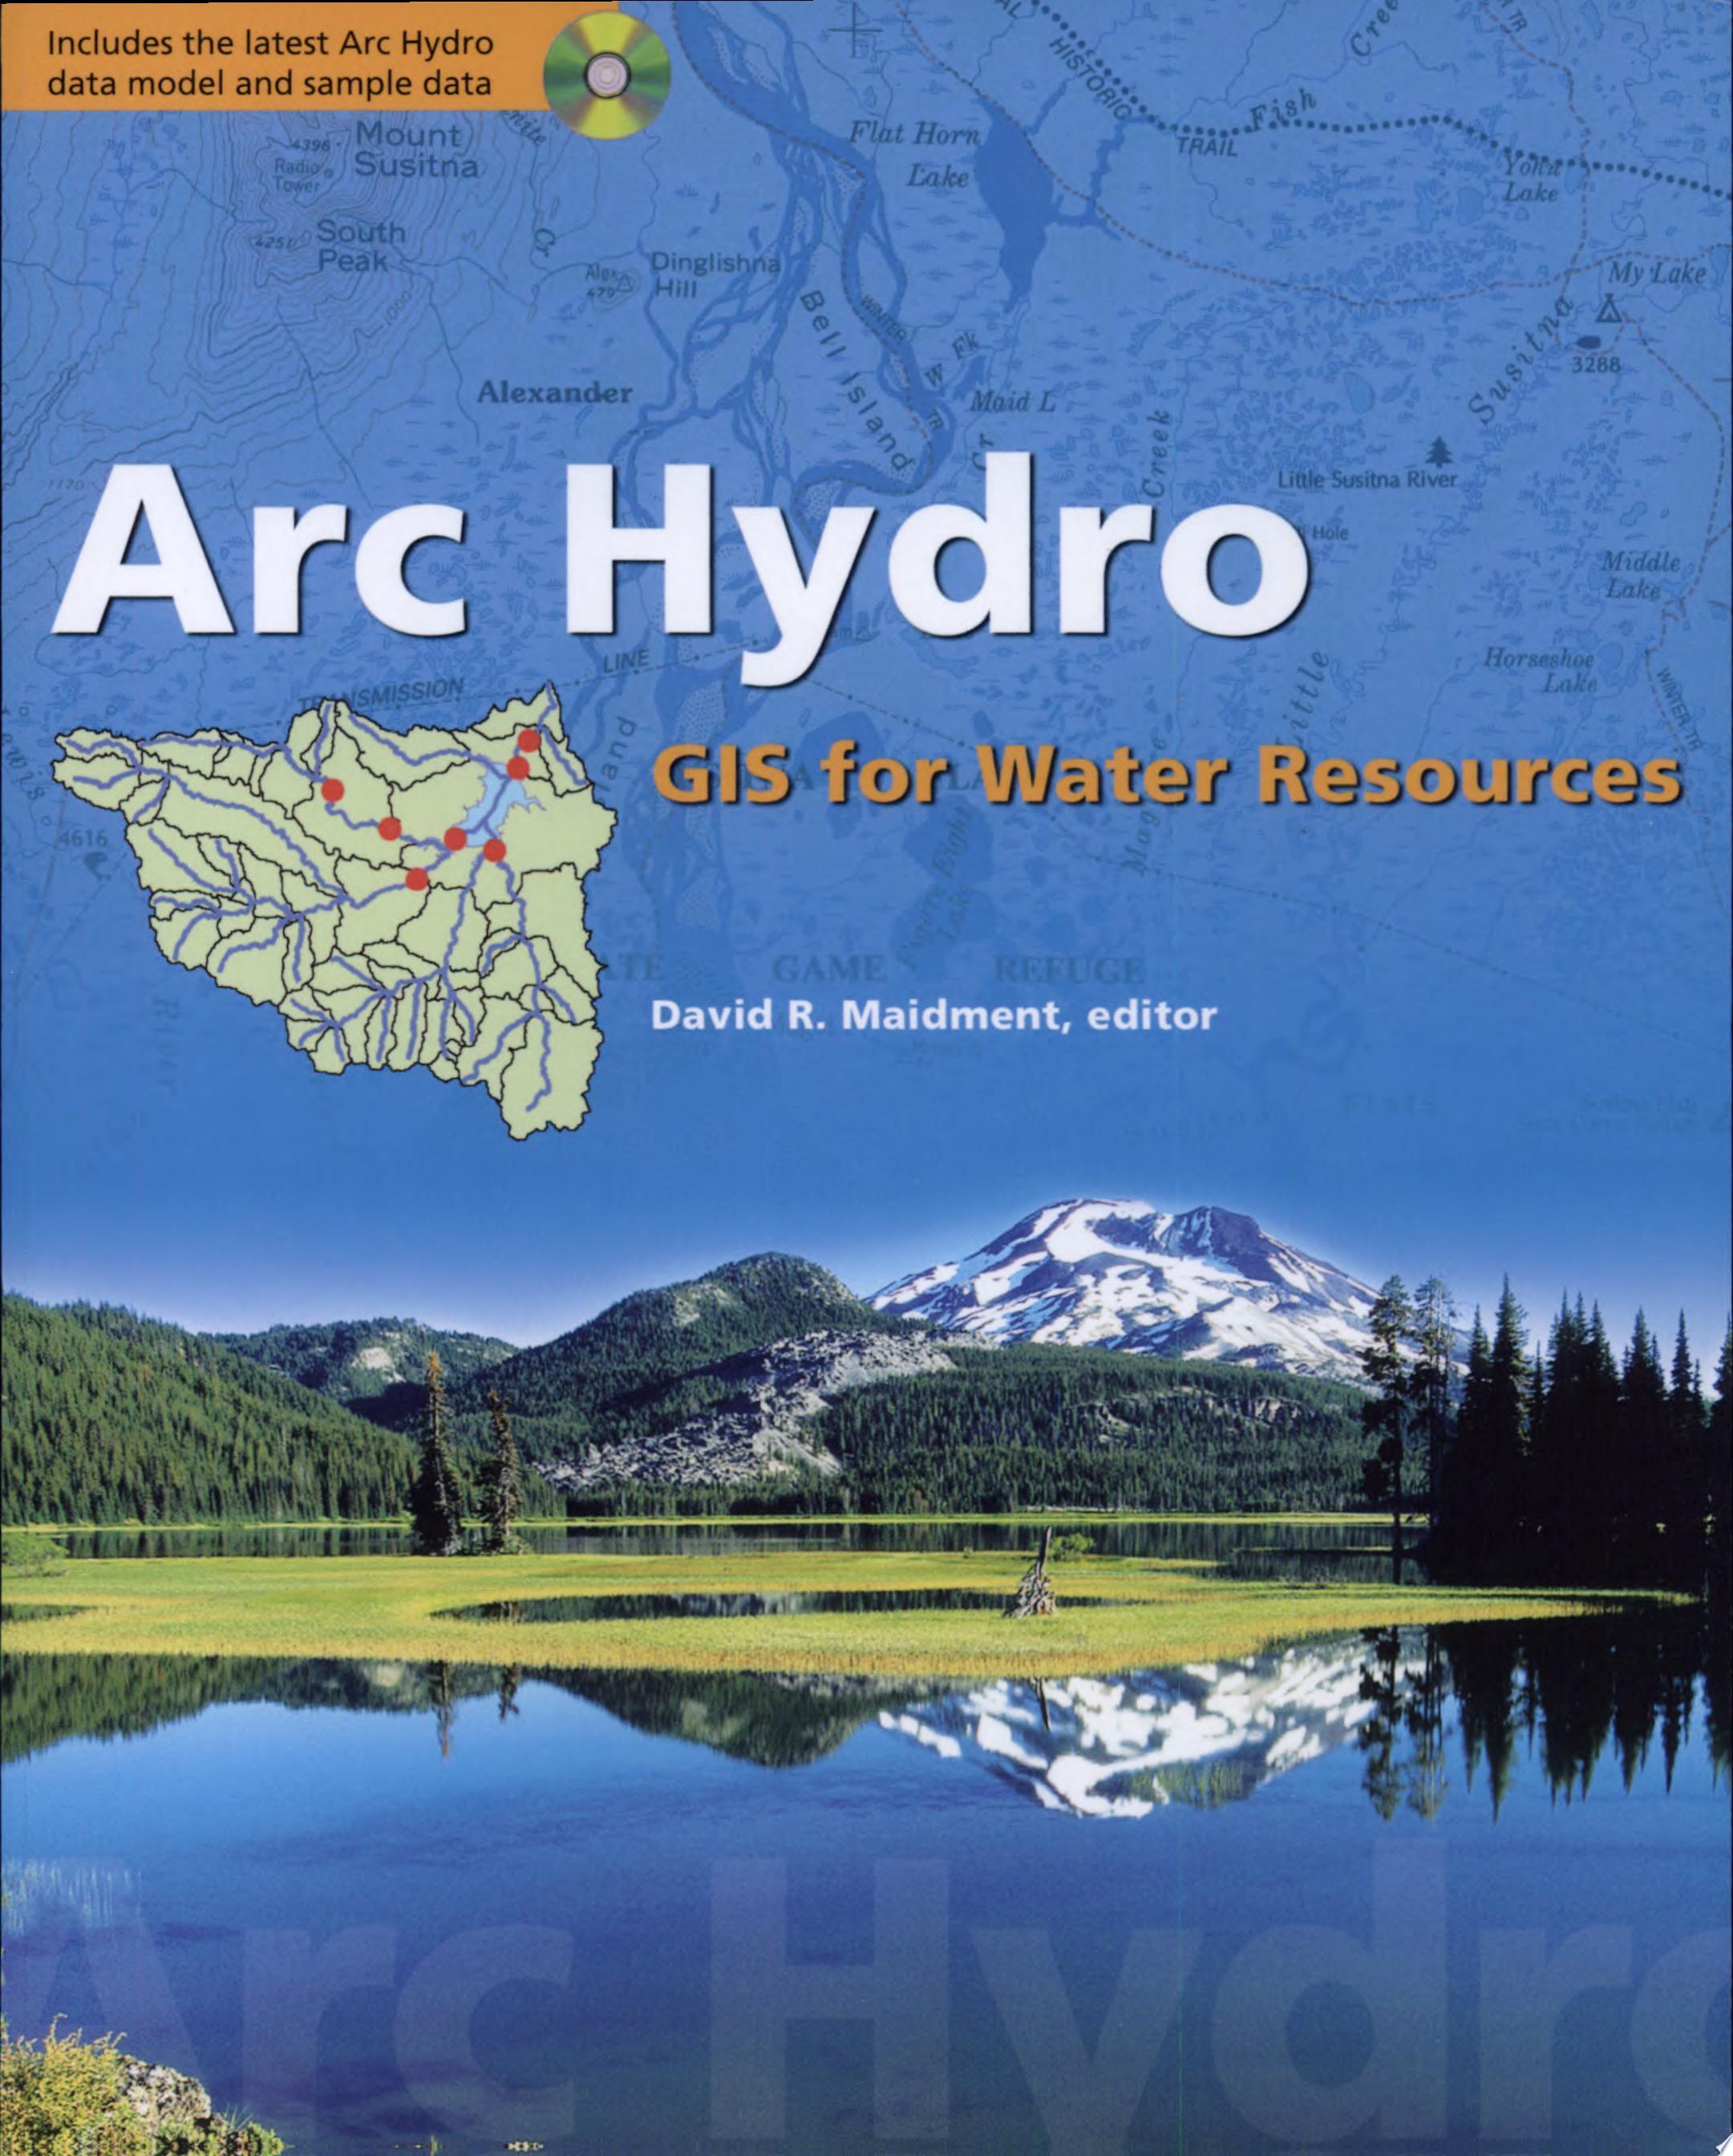 Arc Hydro